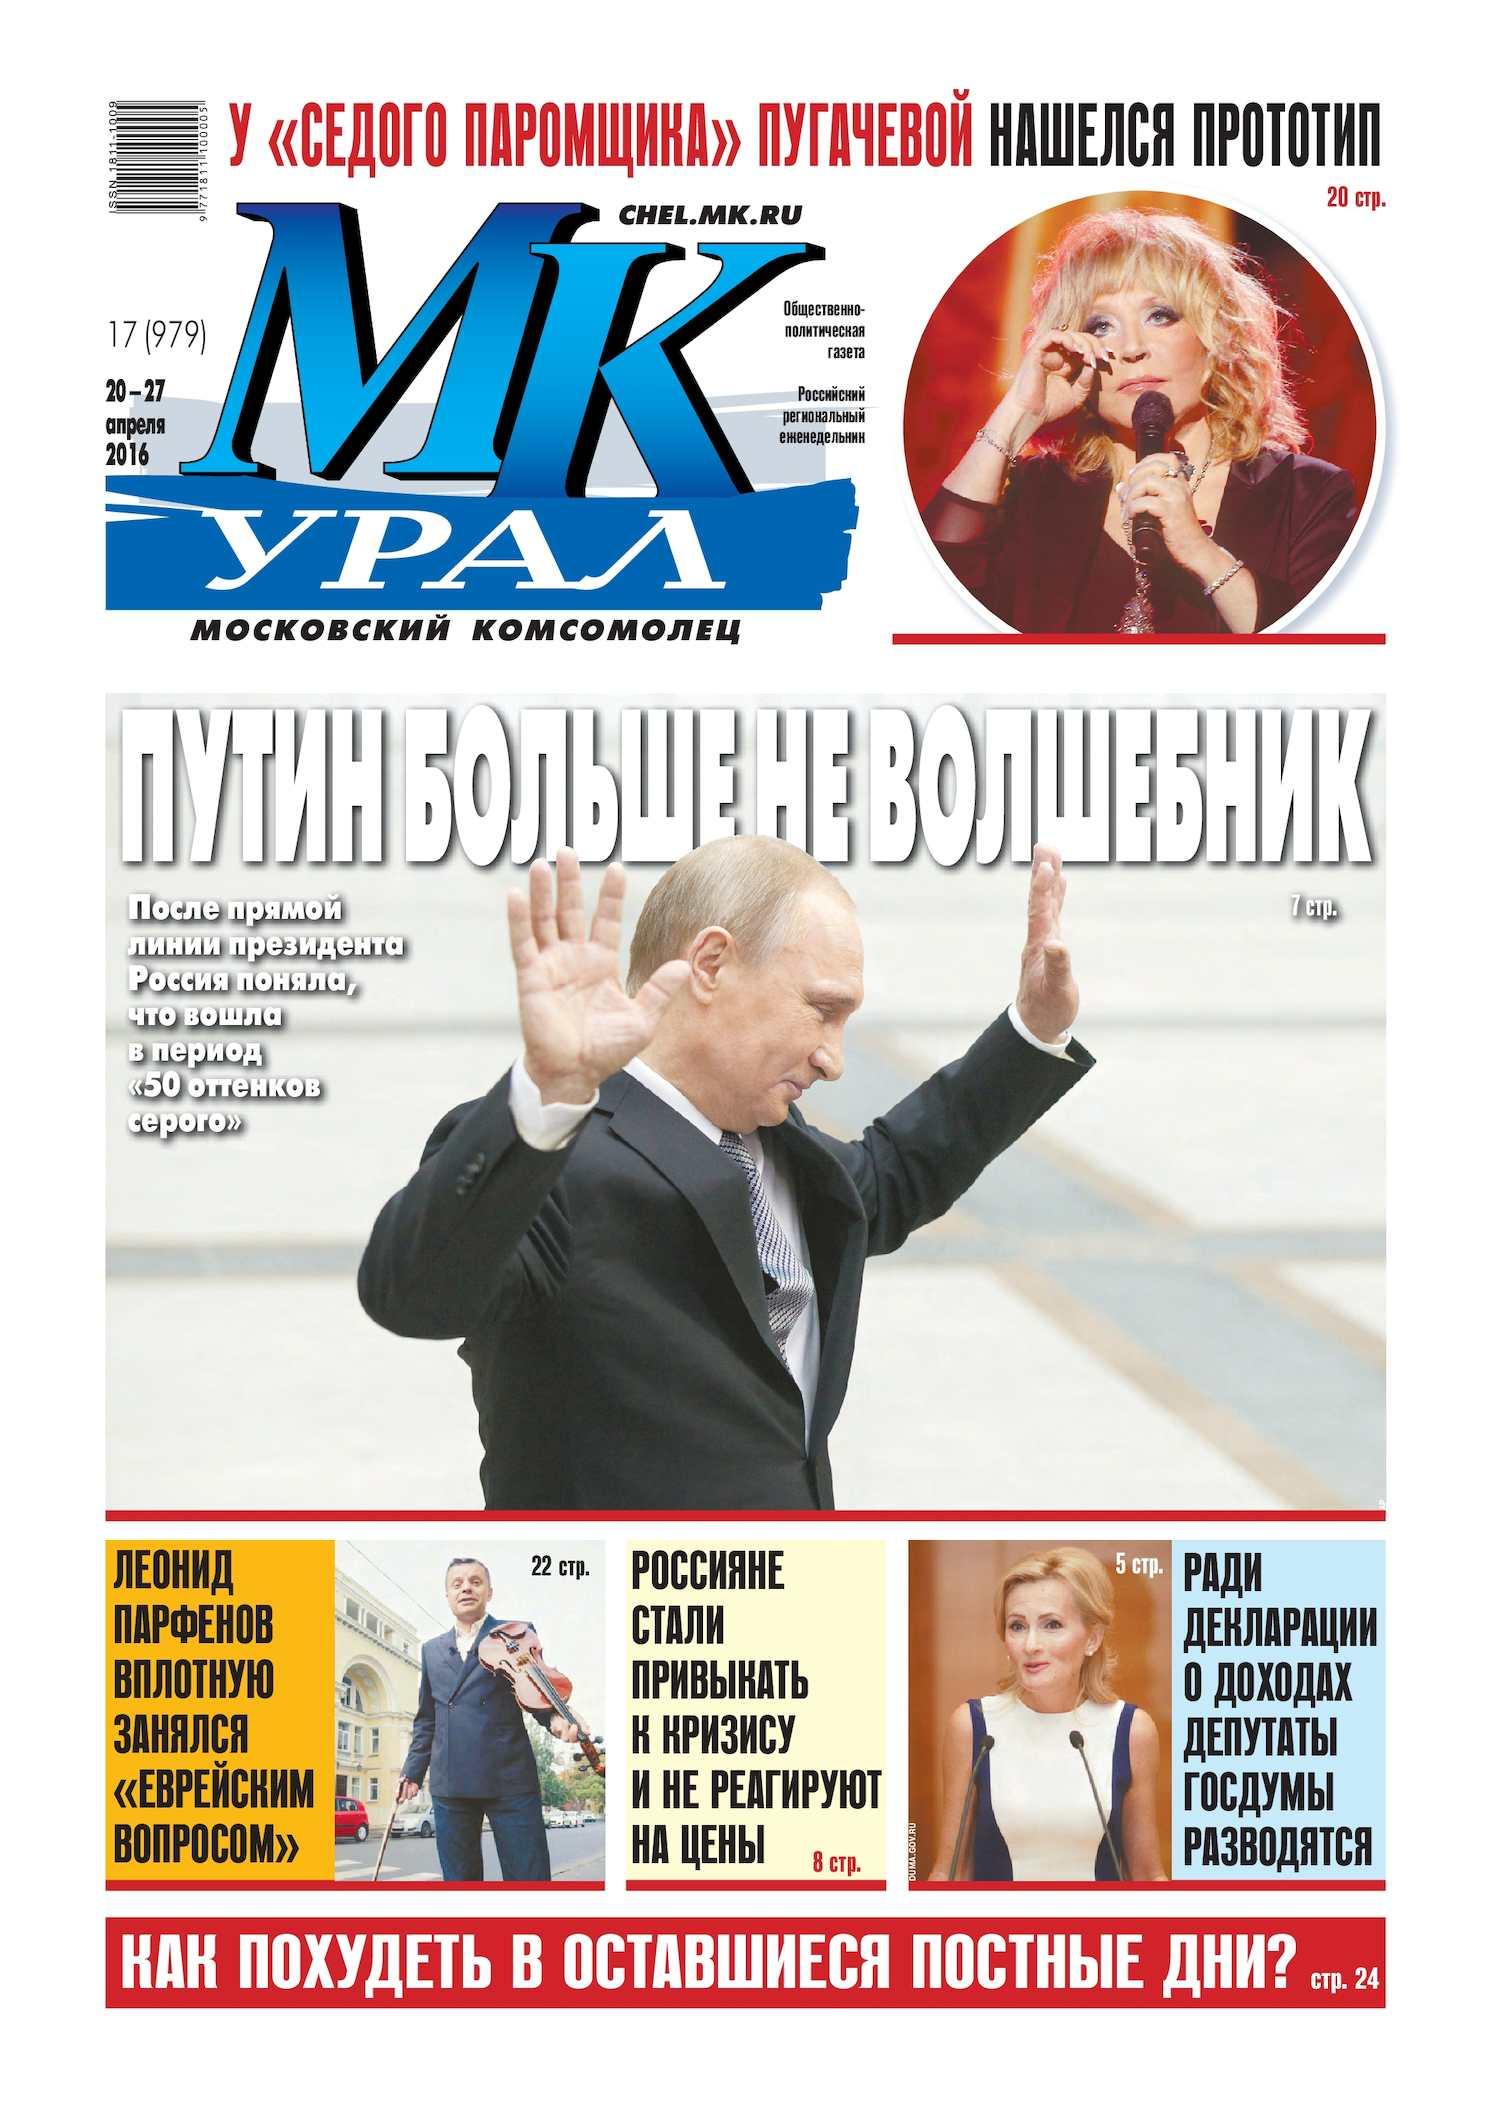 Западные СМИ пугают футбольных болельщиков странными законами России перед ЧМ-2018 картинка